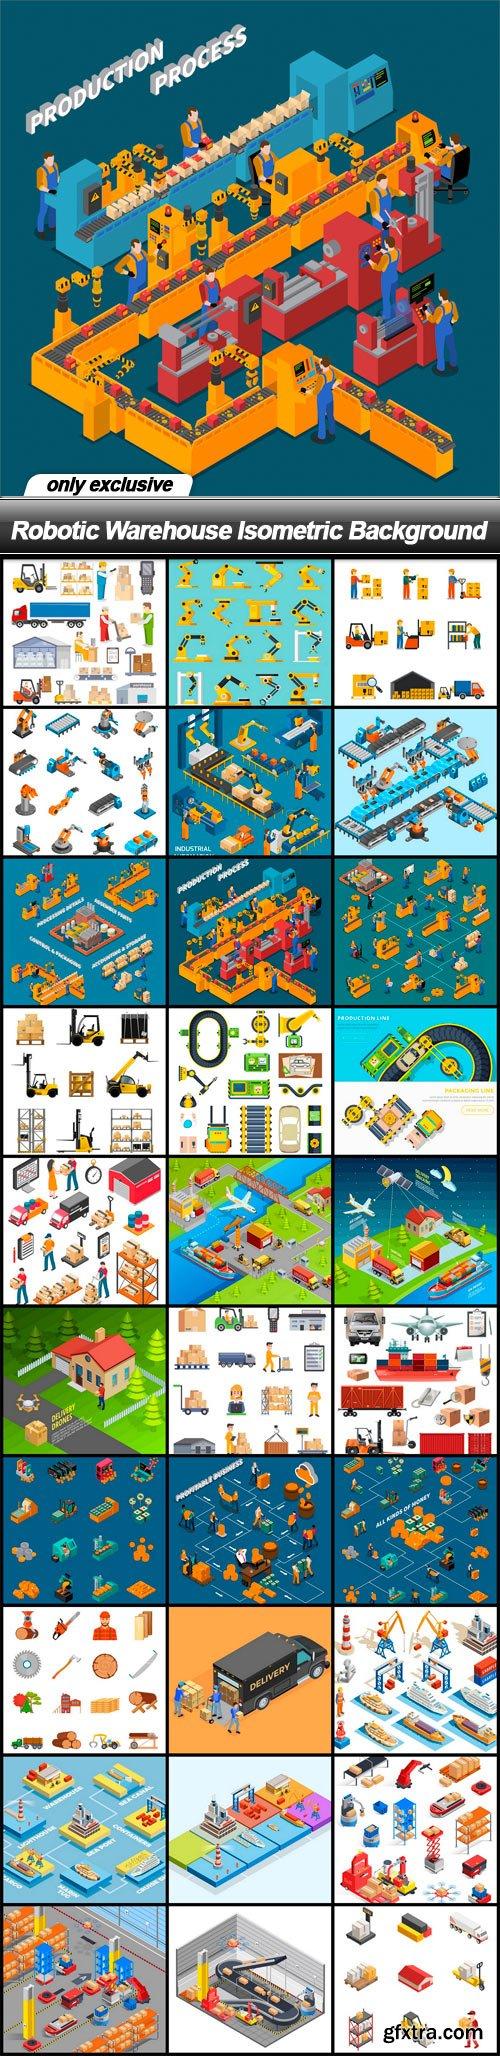 Robotic Warehouse Isometric Background - 30 EPS